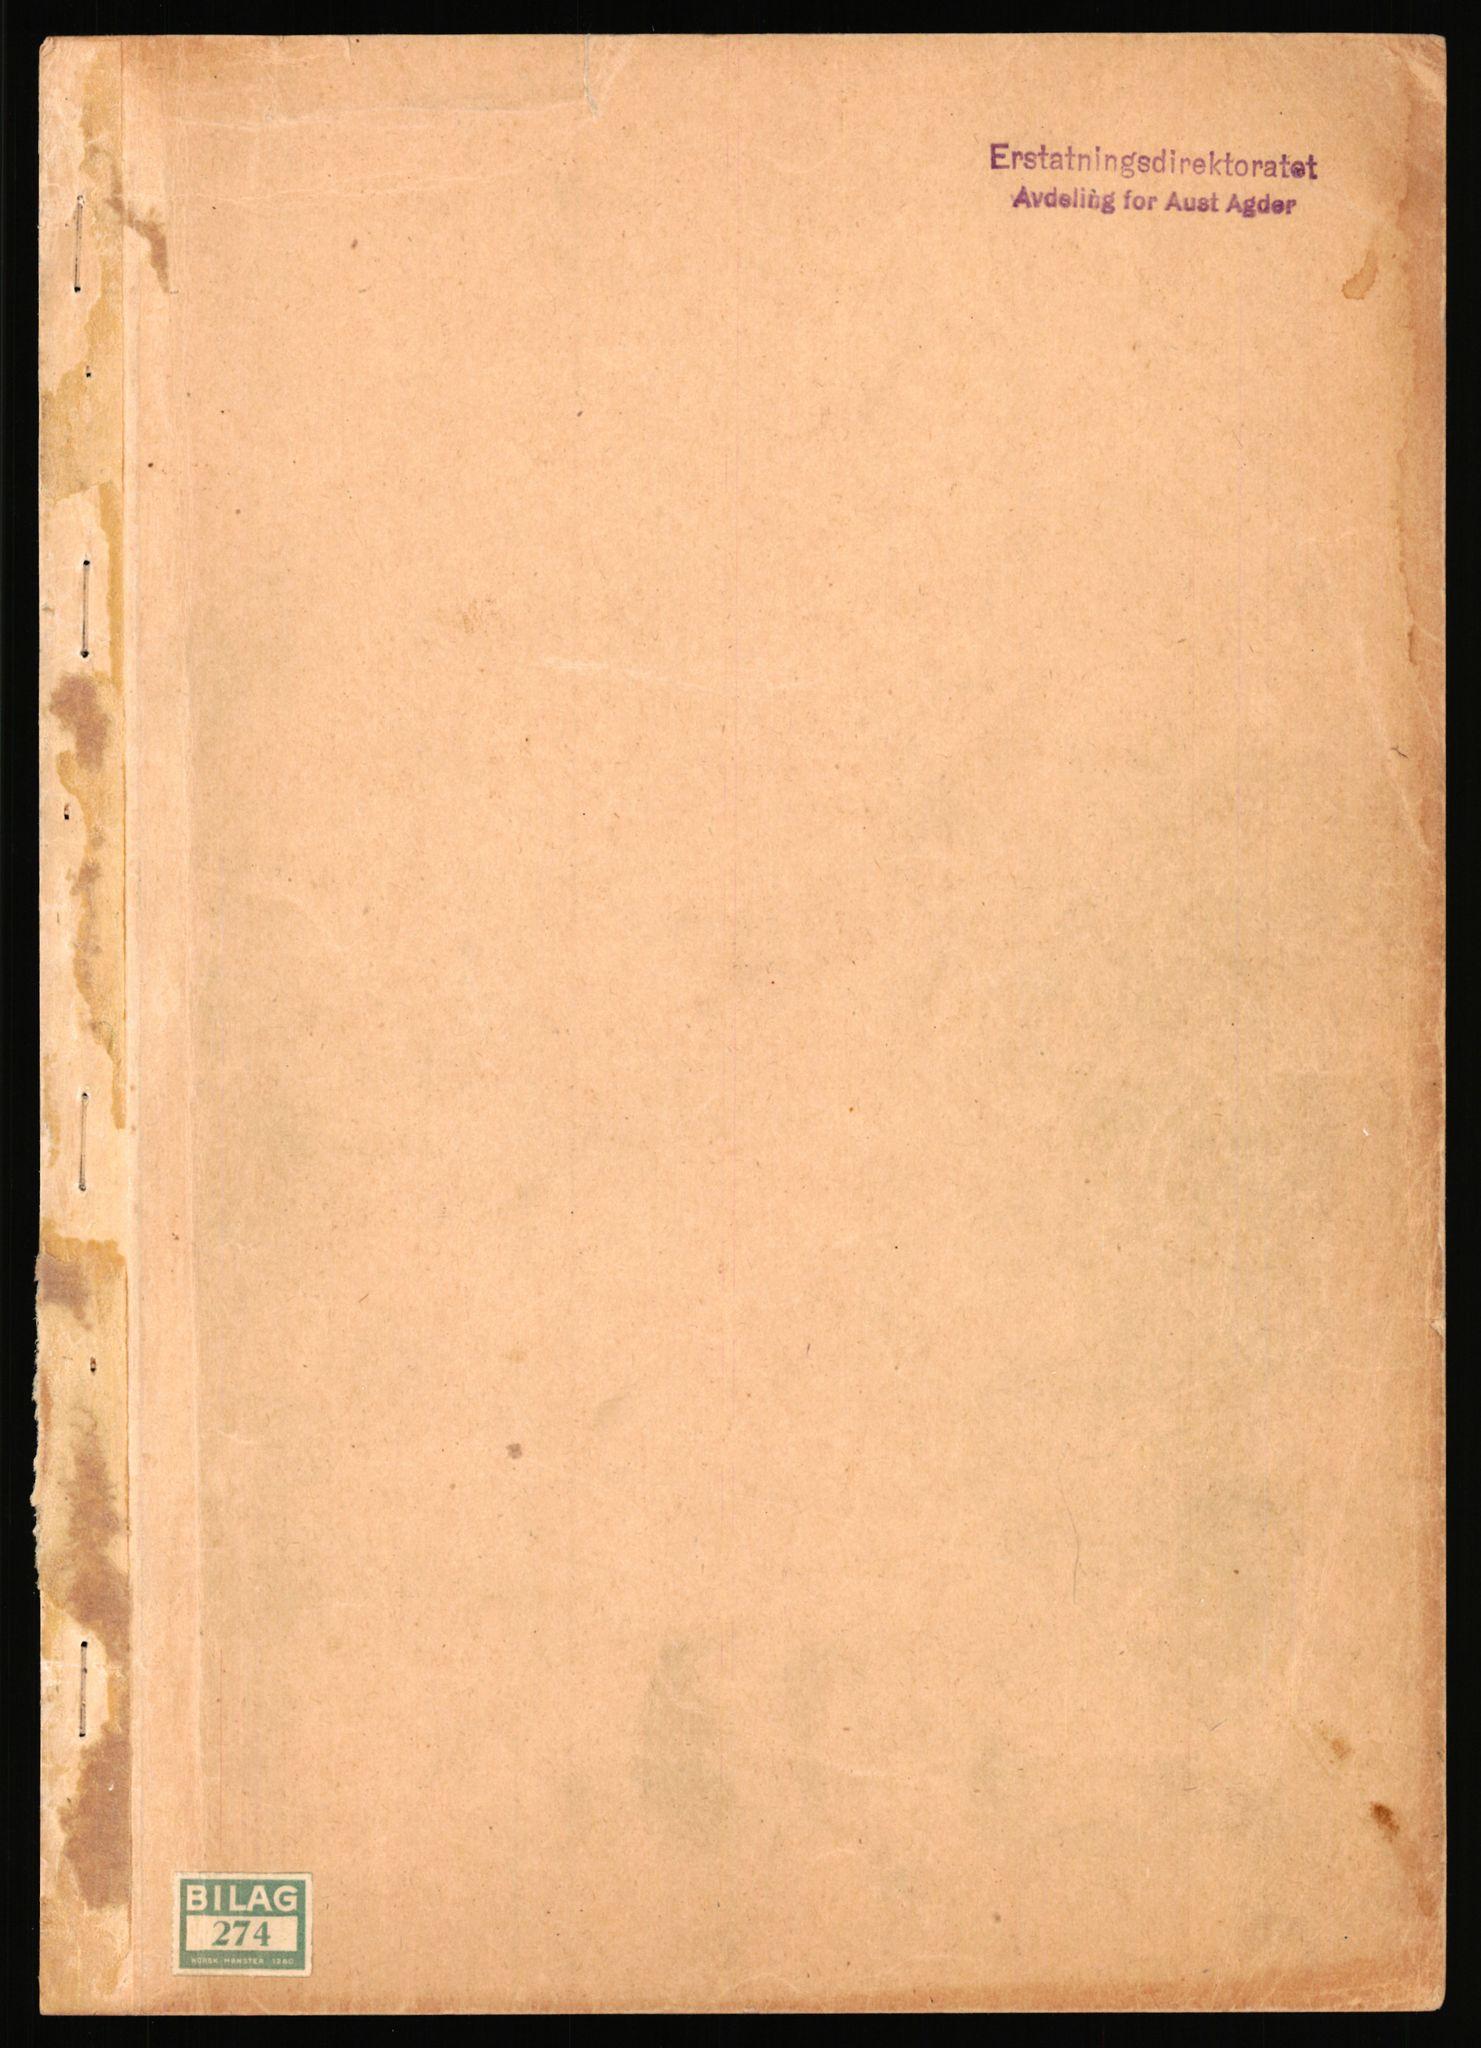 RA, Landssvikarkivet, Arendal politikammer, D/Dc/L0029: Anr. 192/45, 1945-1951, s. 942